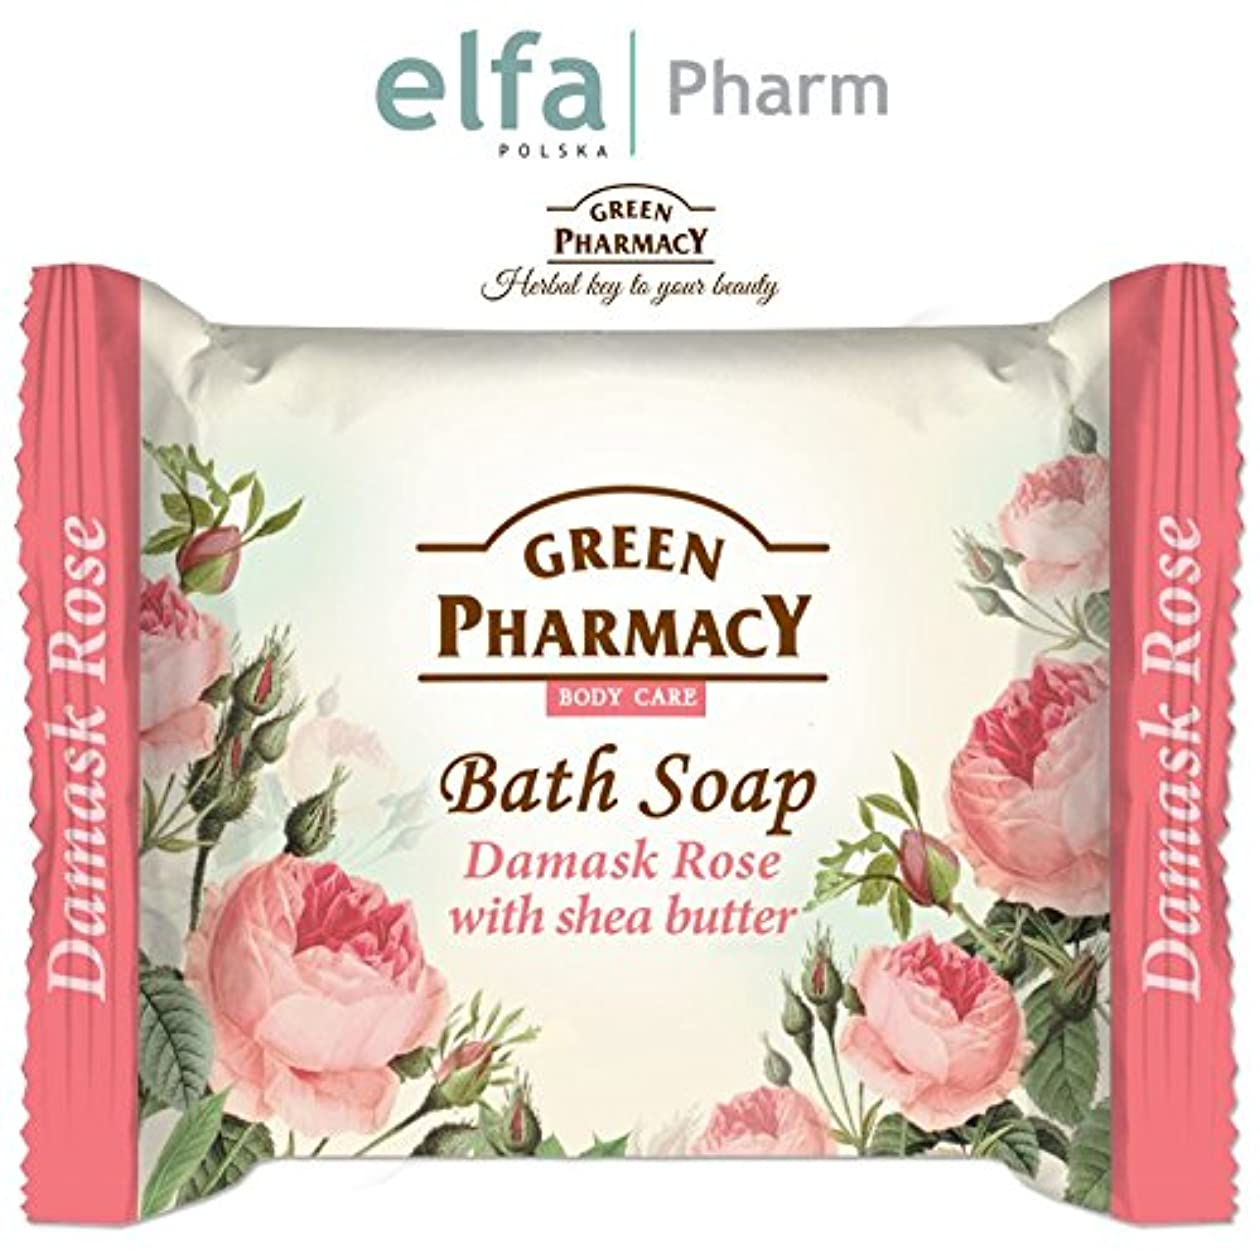 二年生モートかもめ石鹸 固形 安心?安全 古代からのハーブの知識を生かして作られた固形せっけん ポーランドのグリーンファーマシー elfa Pharm Green Pharmacy Bath Soap Damask Rose with Shea...